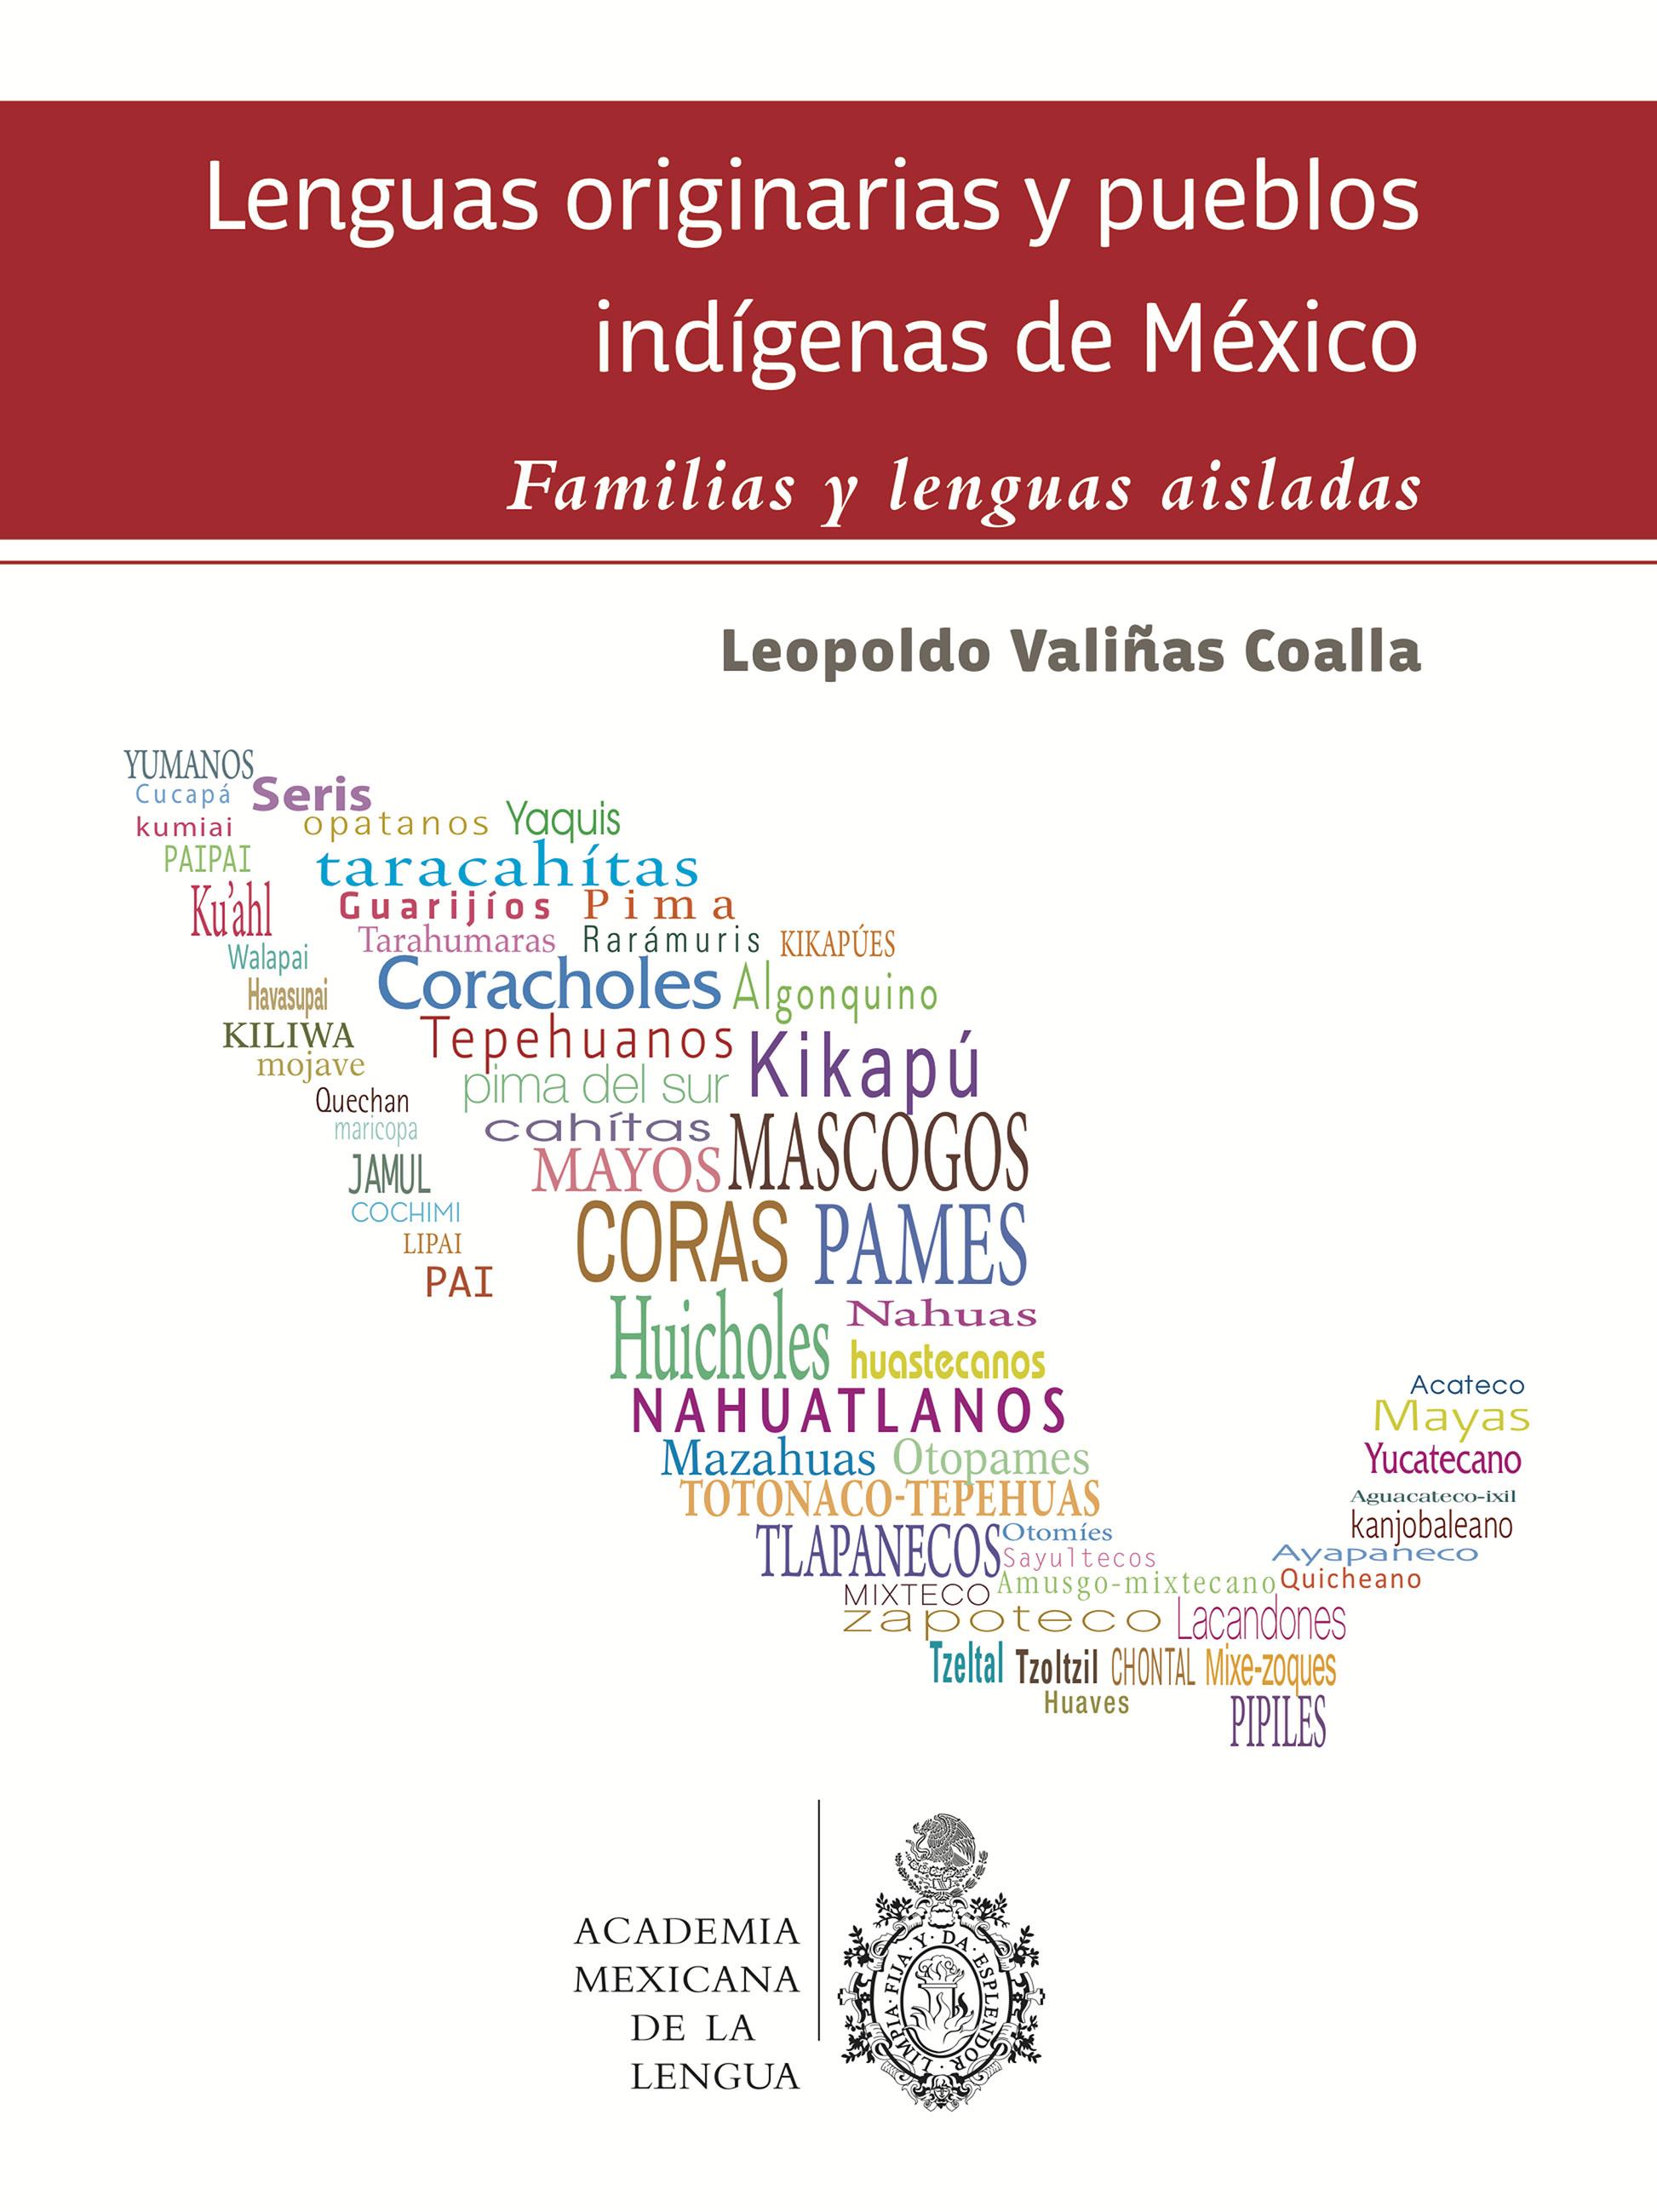 Lenguas originarias y pueblos indígenas de México. Familias y lenguas aisladas